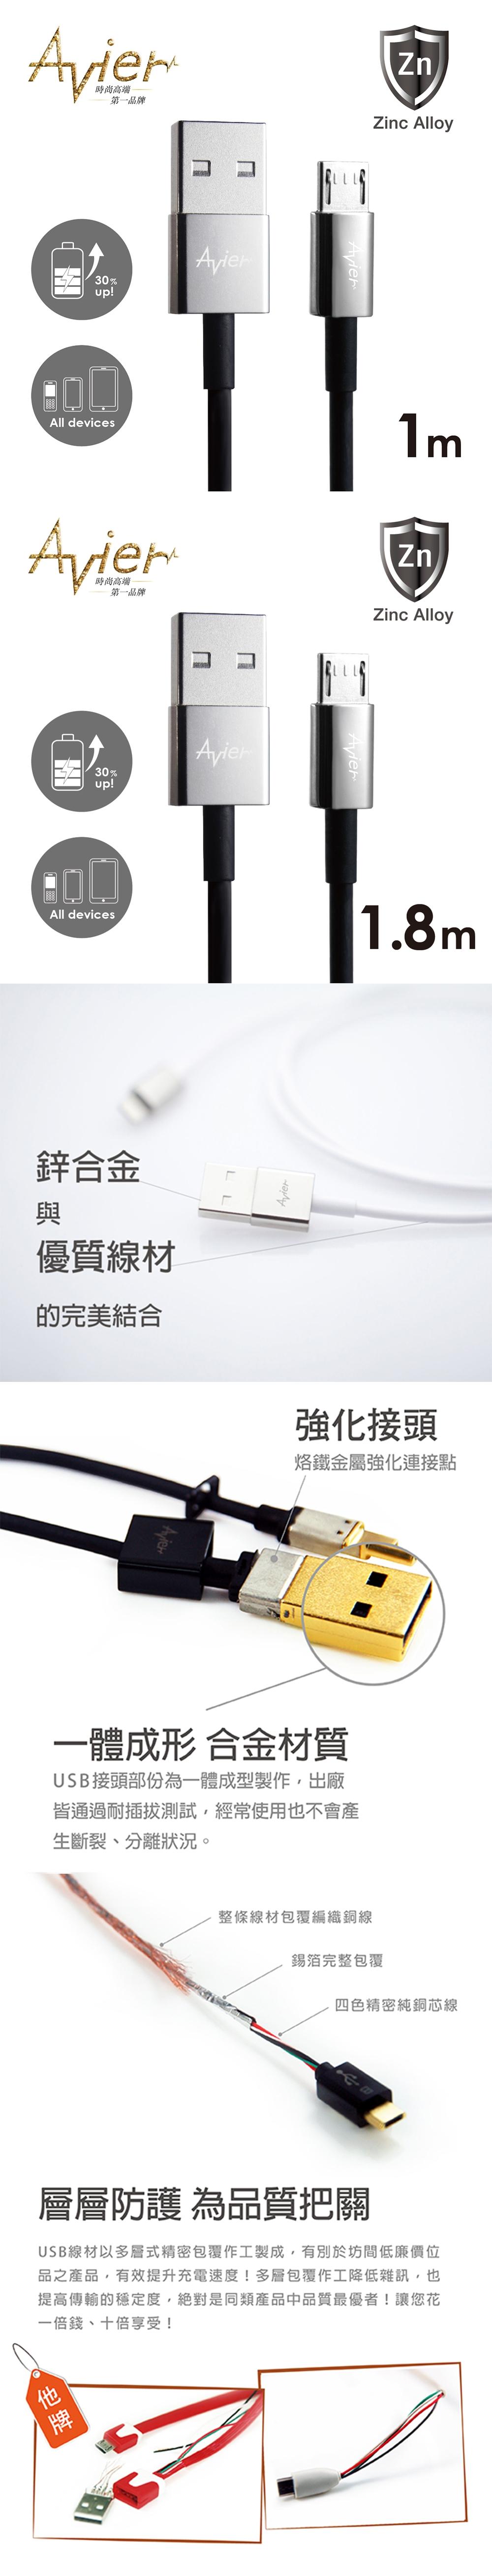 鋅合金USB 上架圖